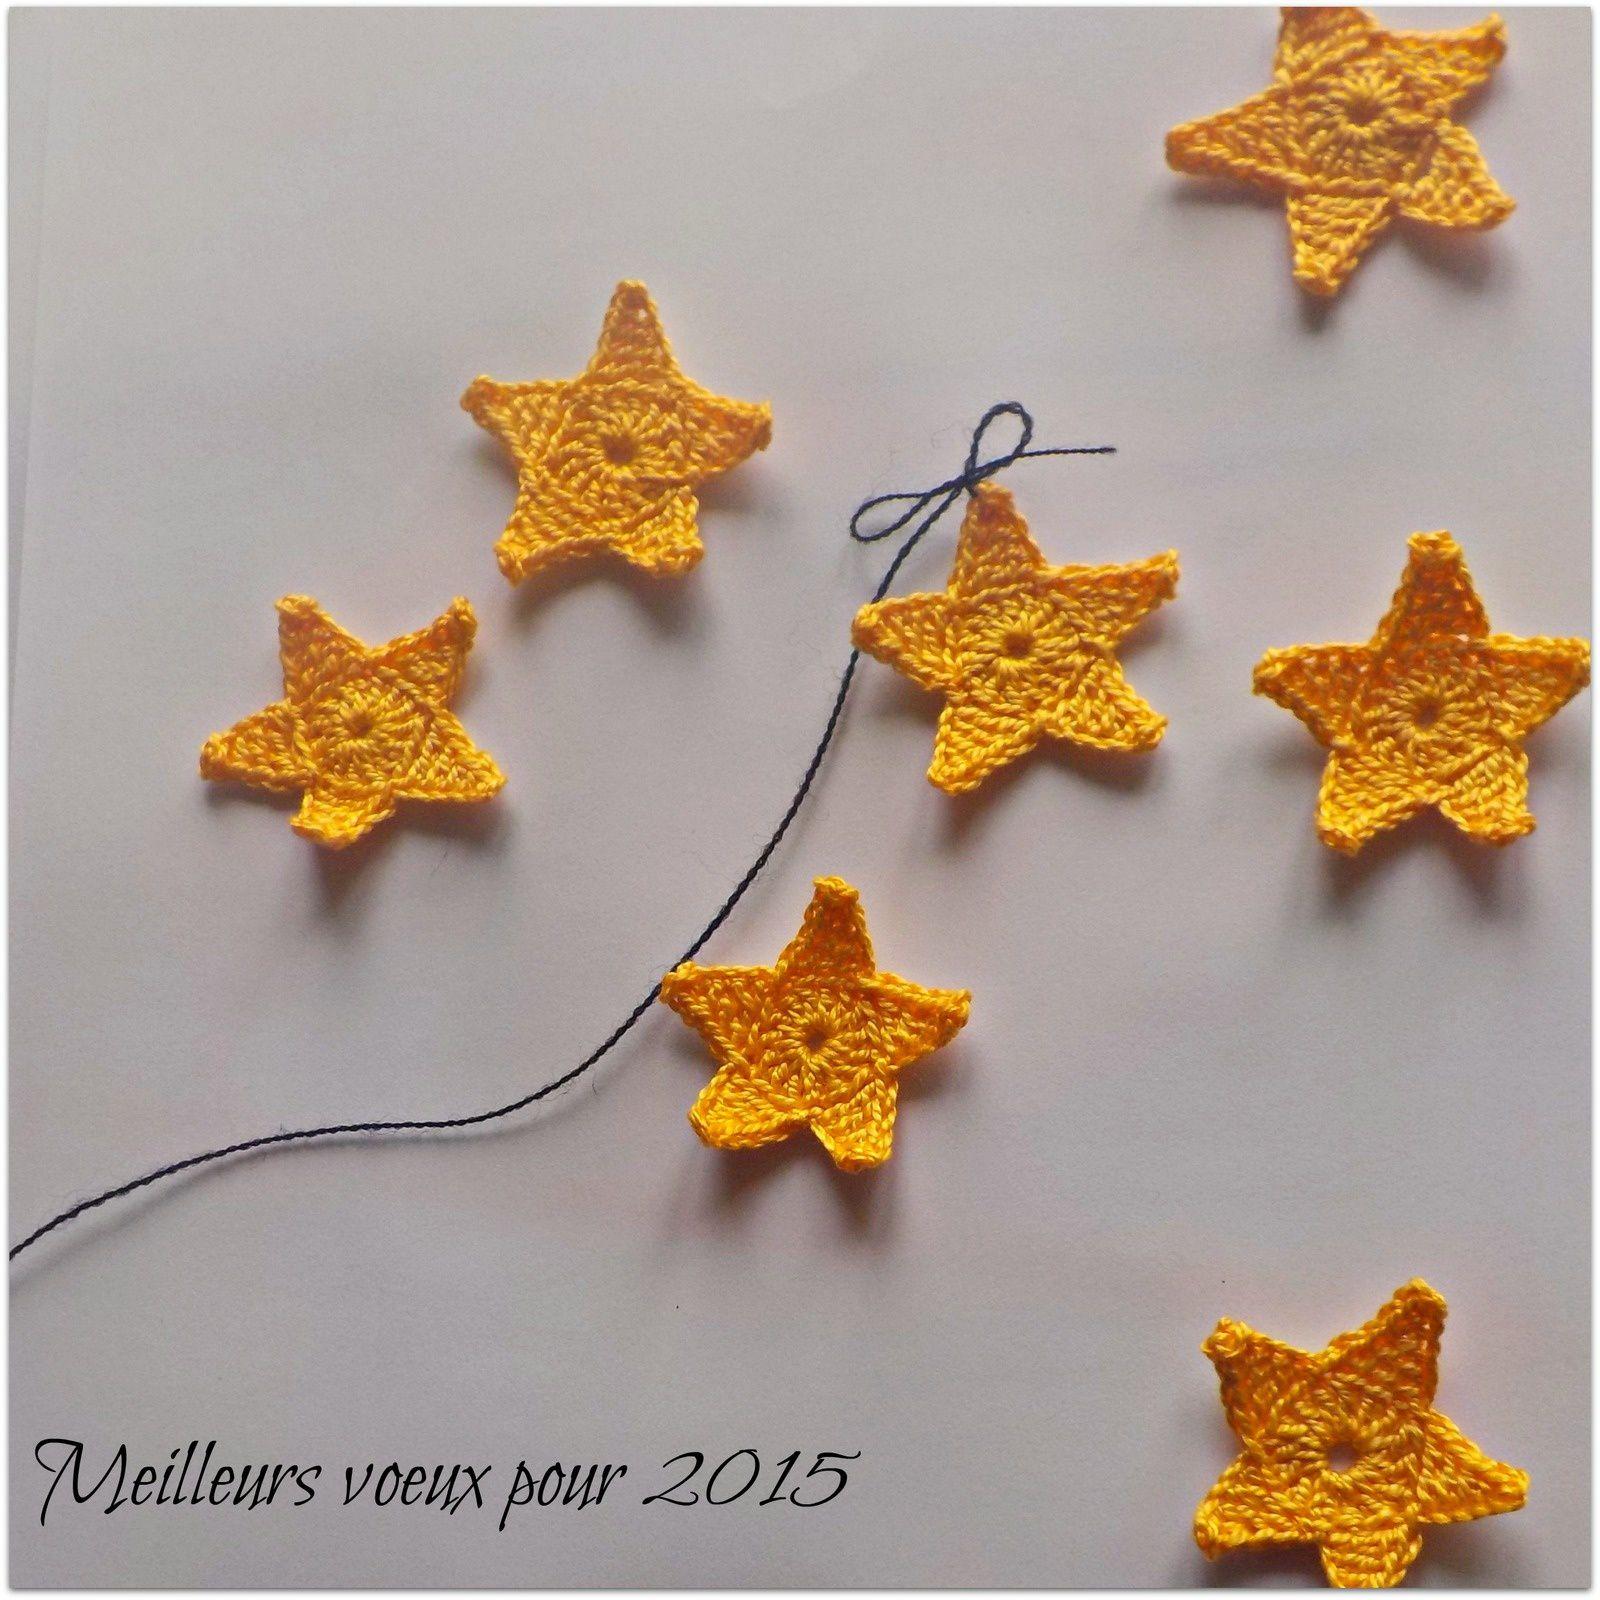 Suivre sa bonne étoile...